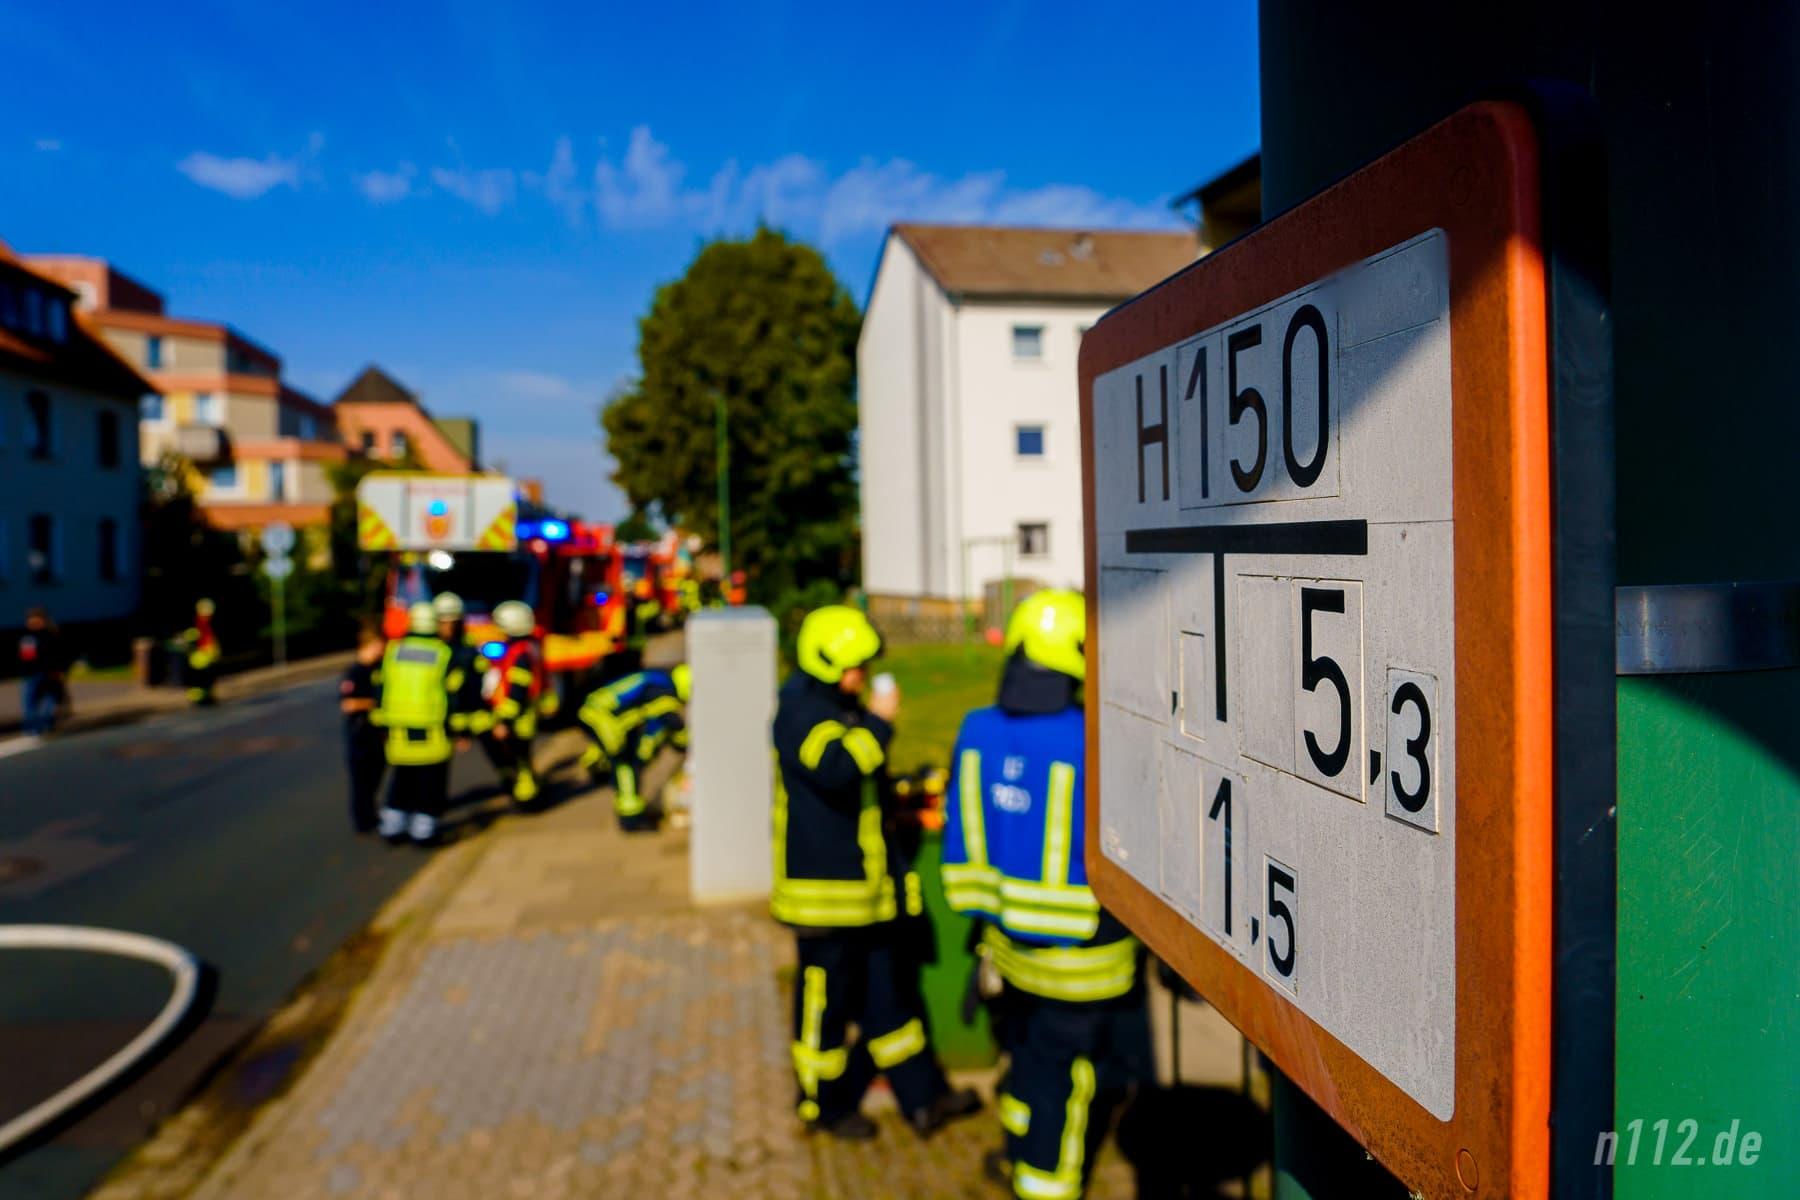 Diese Hinweisschilder zeigen Feuerwehrleuten, wo sich die nächsten Hydrantenöffnungen in der Straße befinden, in diesem Fall 5,3 Meter vom Schild nach rechts und 1,5 Meter zur Straße hin (Foto: n112.de/Stefan Simonsen)